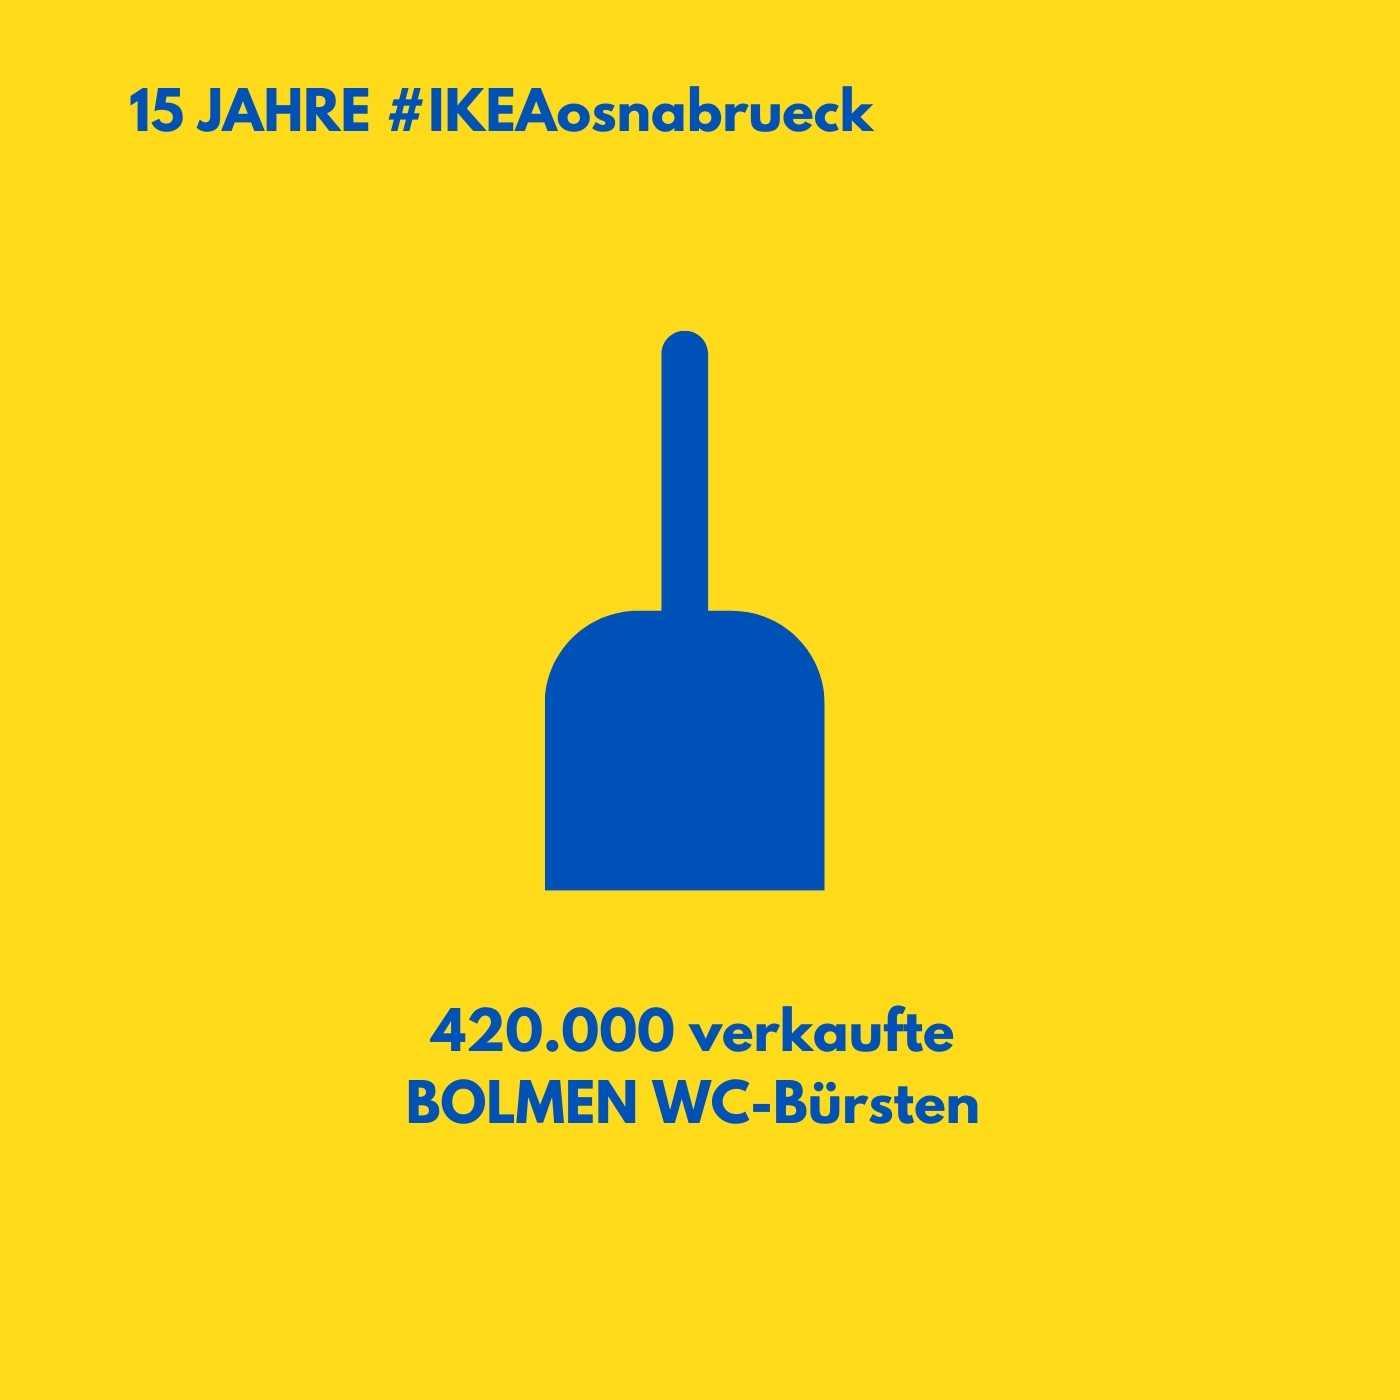 IKEA Katalog 2021, IKEA-Osnabrück